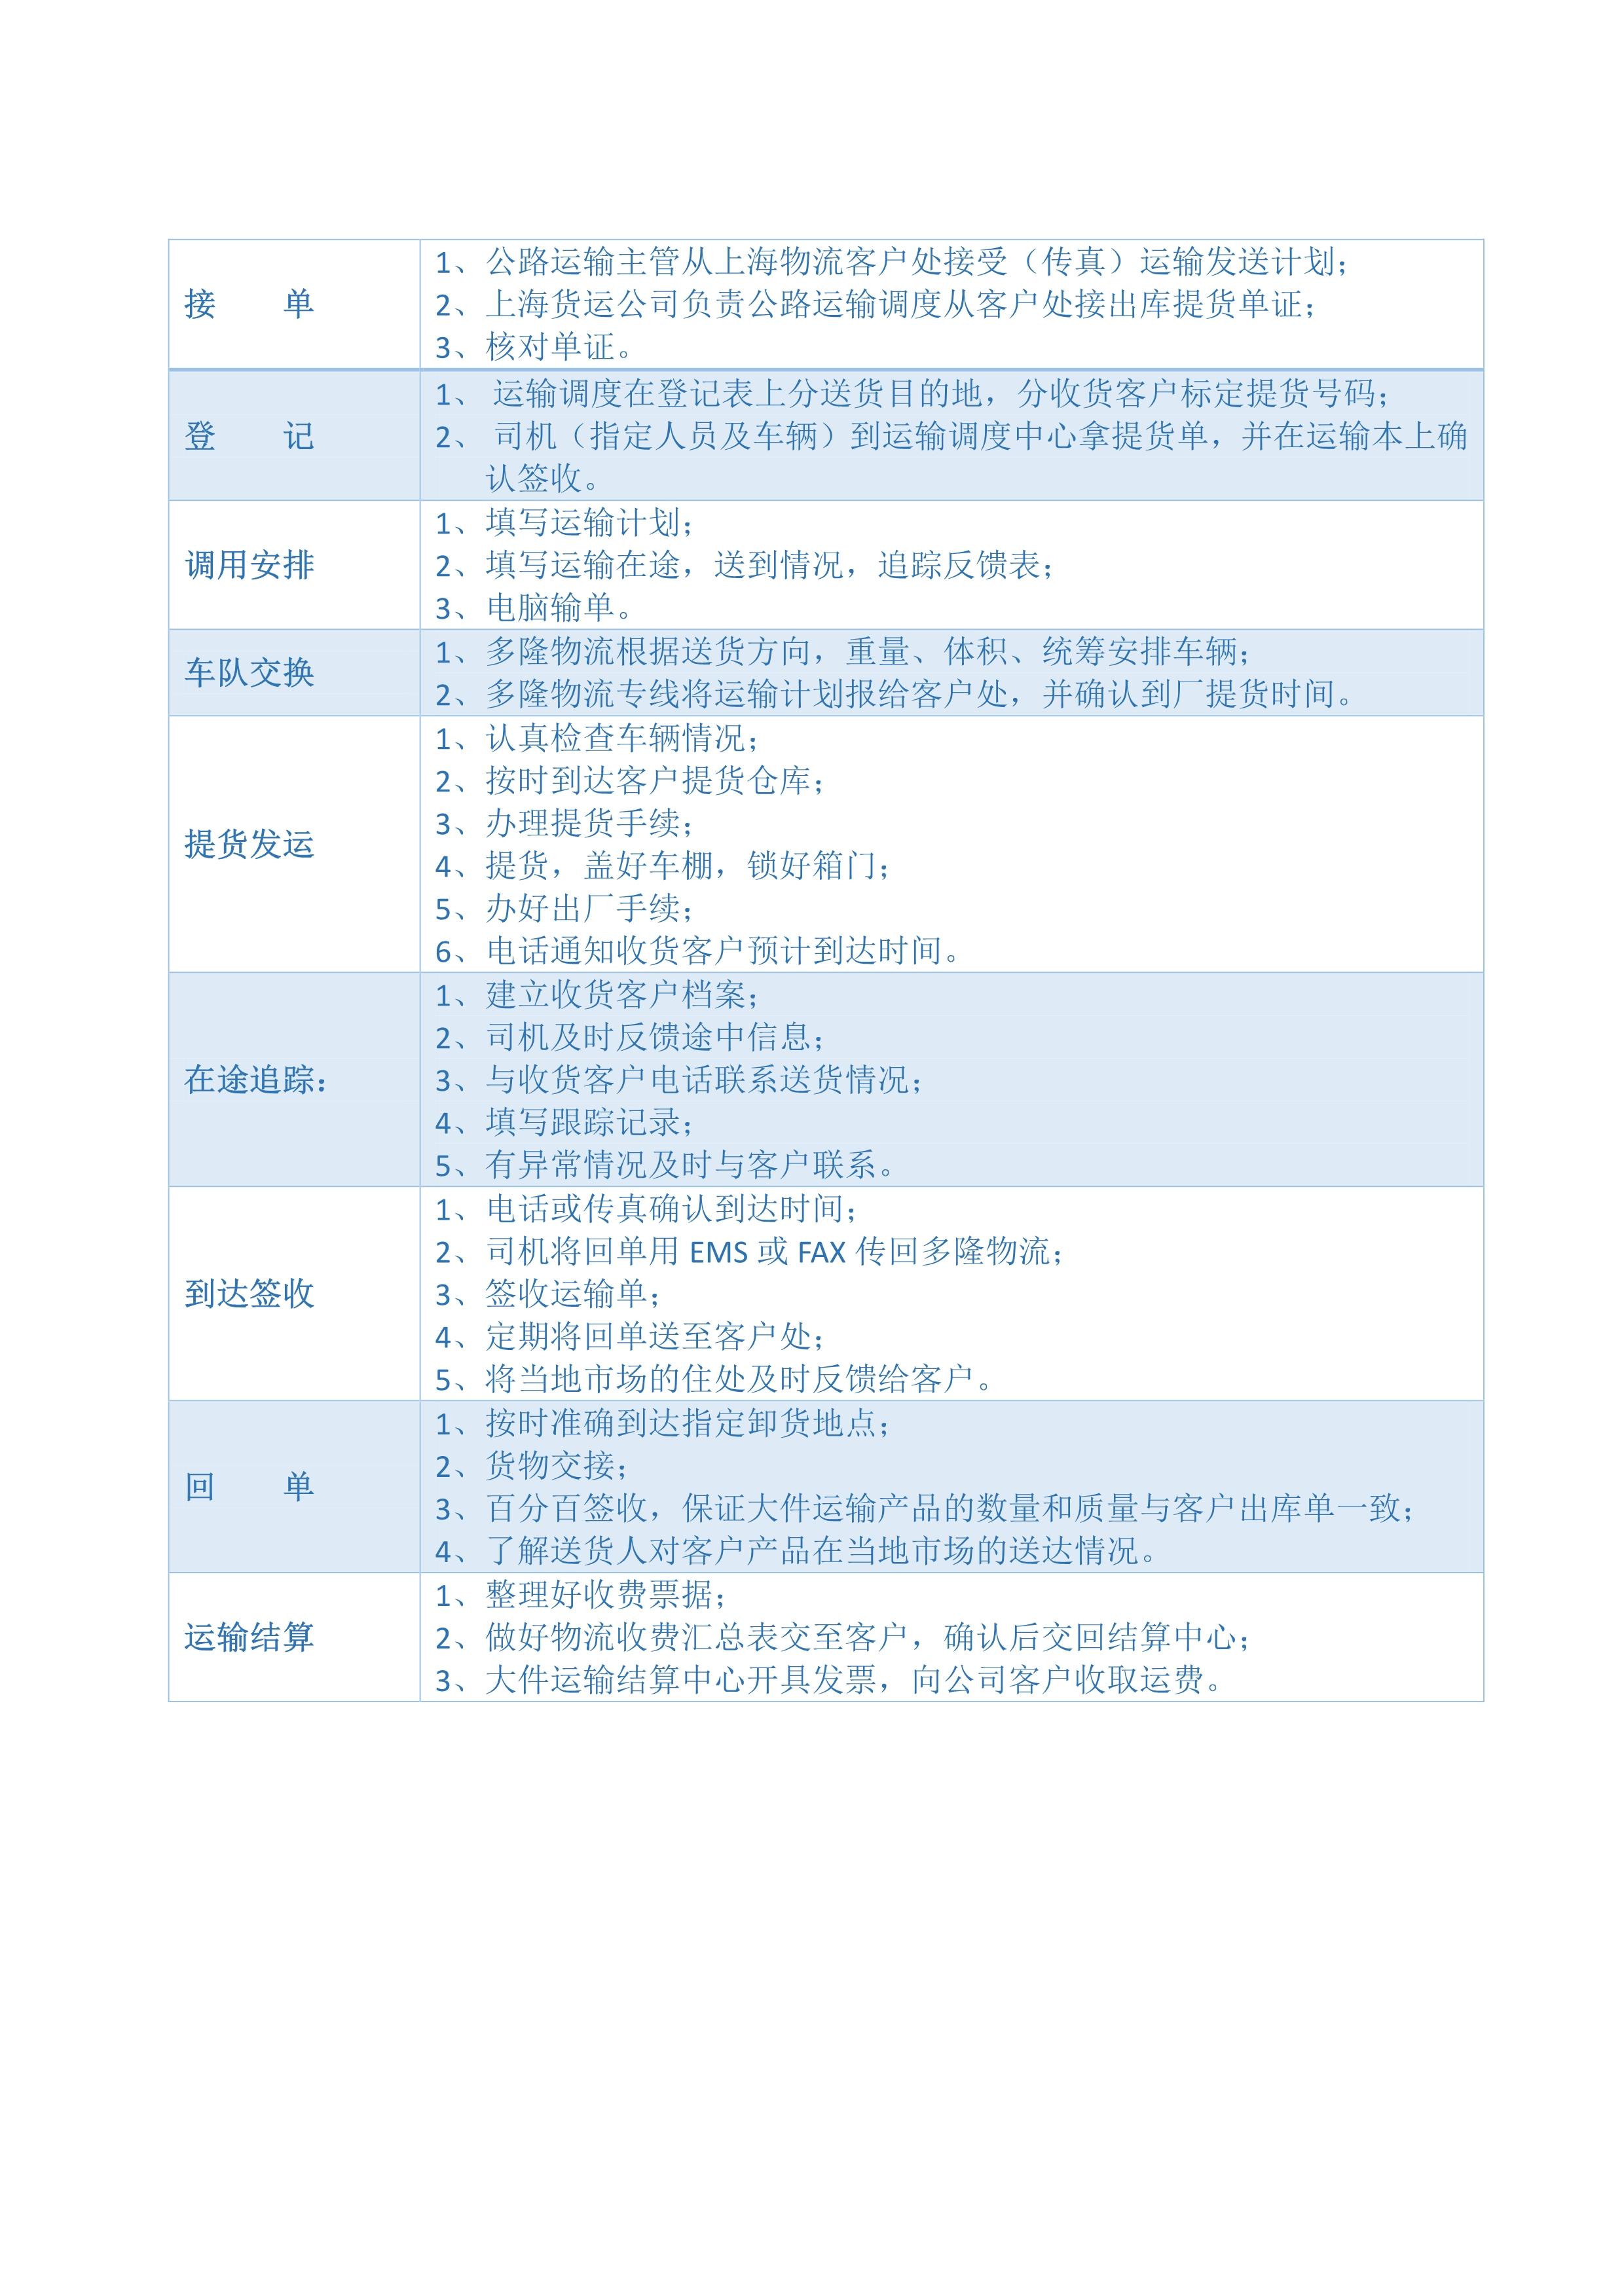 上海物流公司业务流程